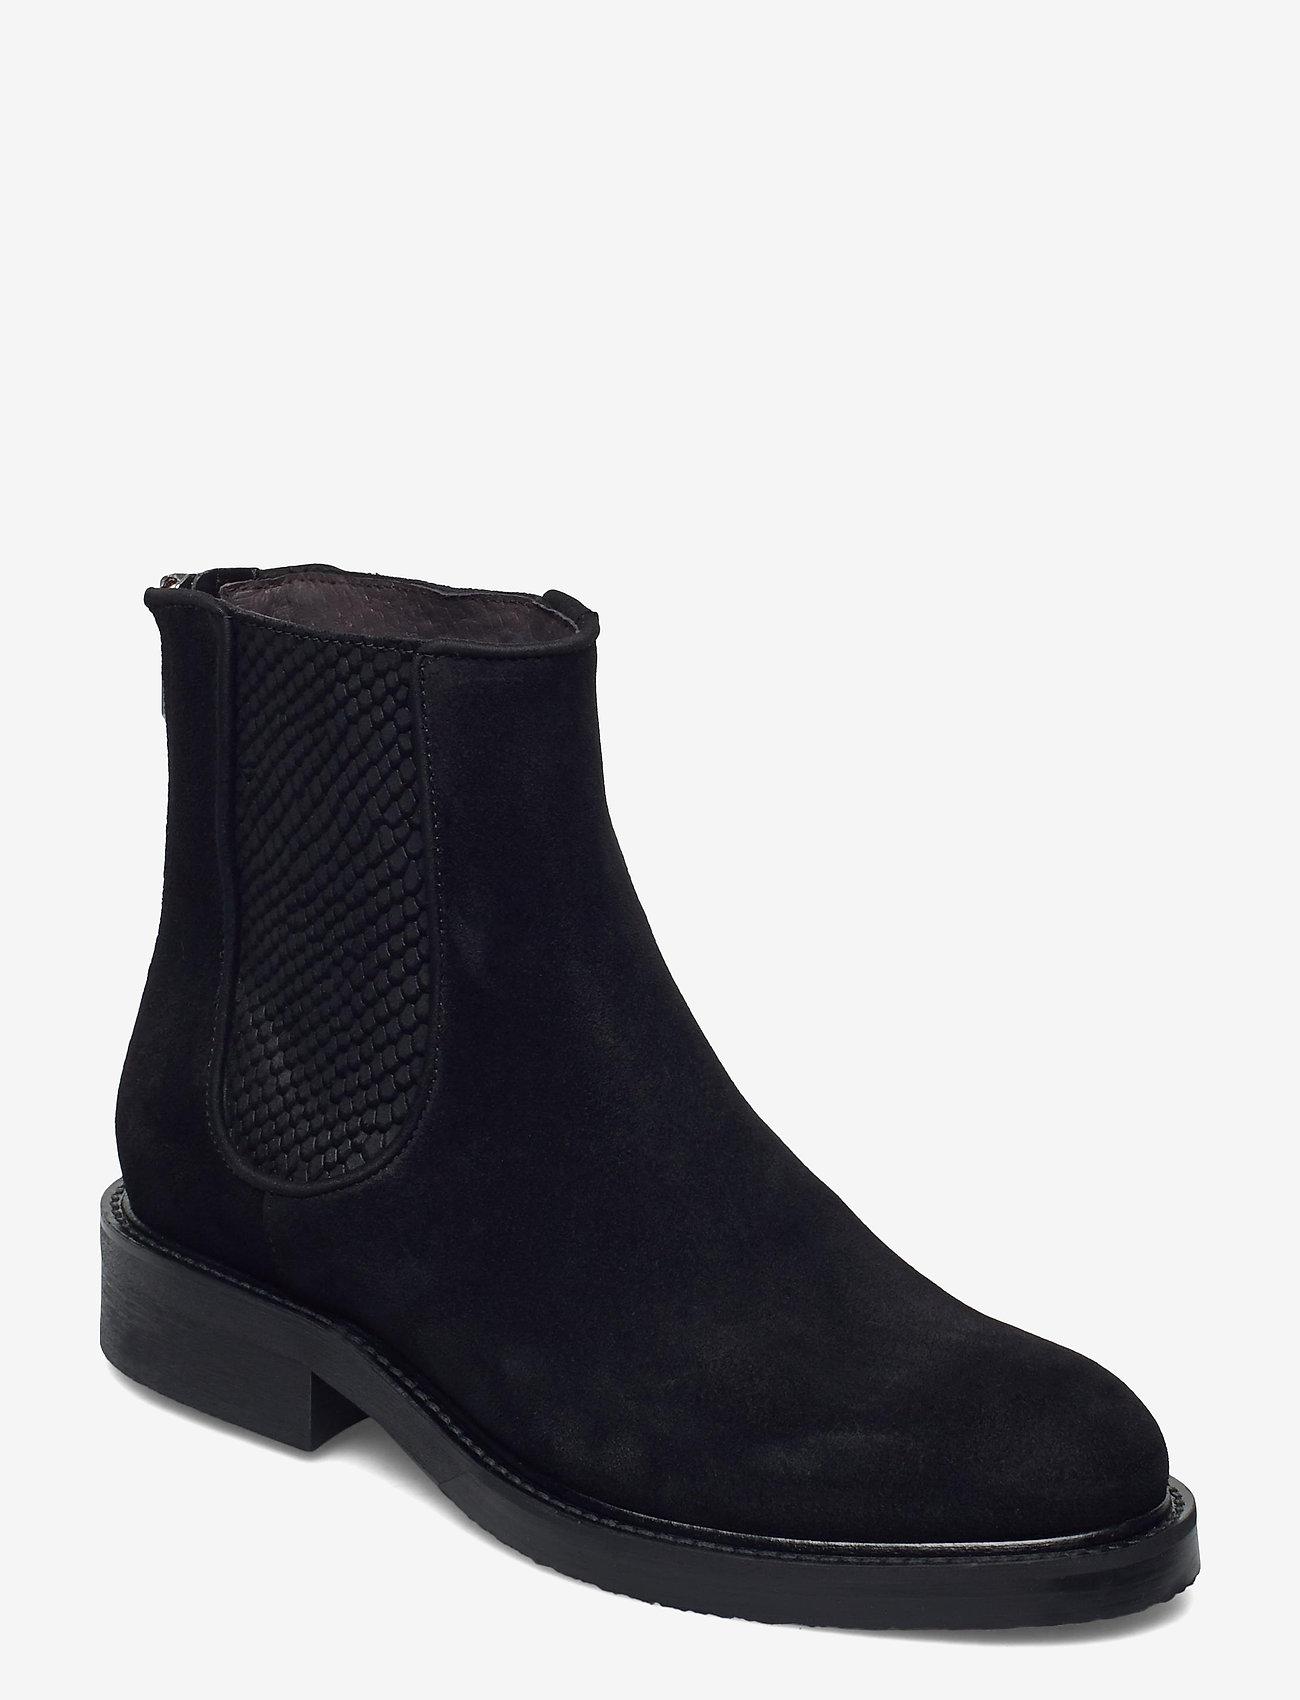 Billi Bi - Boots 83451 - chelsea boots - black suede/red zip 509 - 0